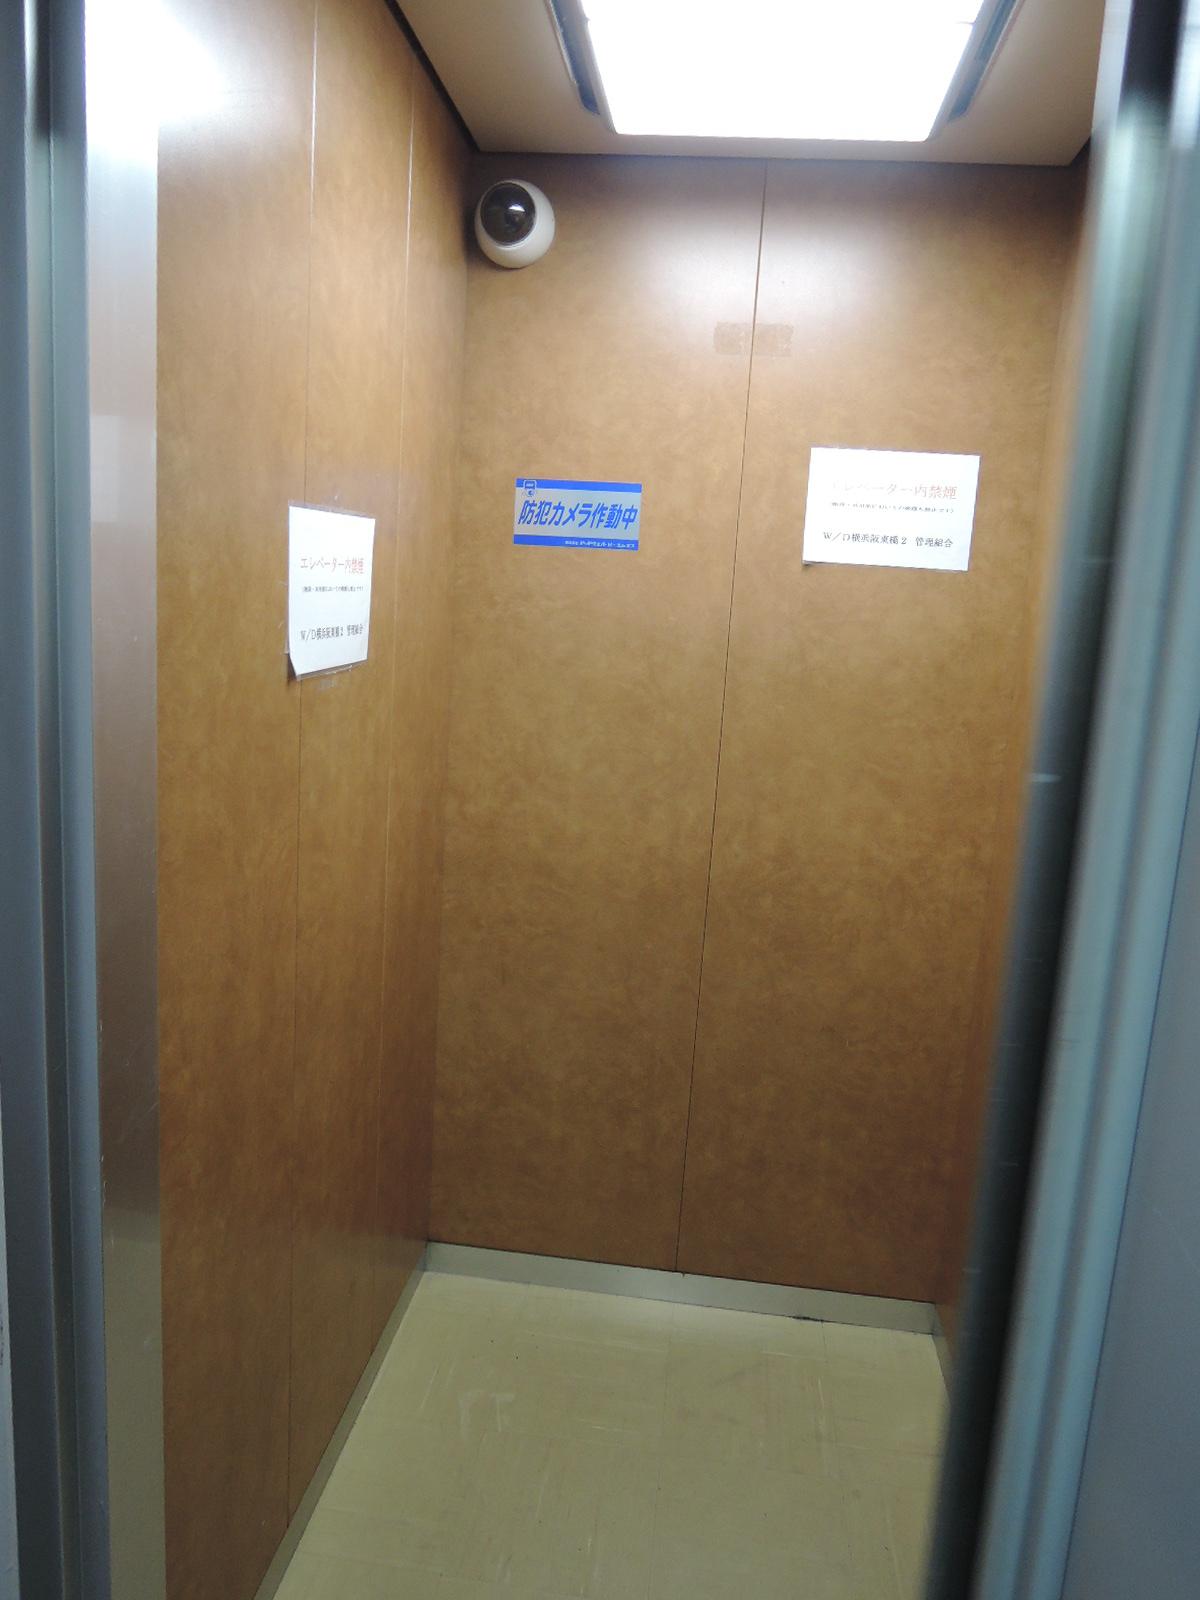 エレベーター内にも防犯カメラ設置